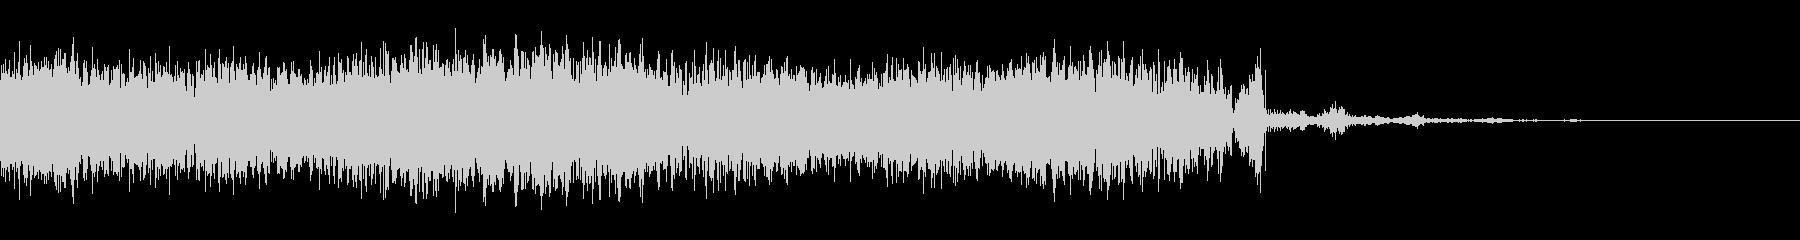 大きなフラタリングパルススイープの未再生の波形